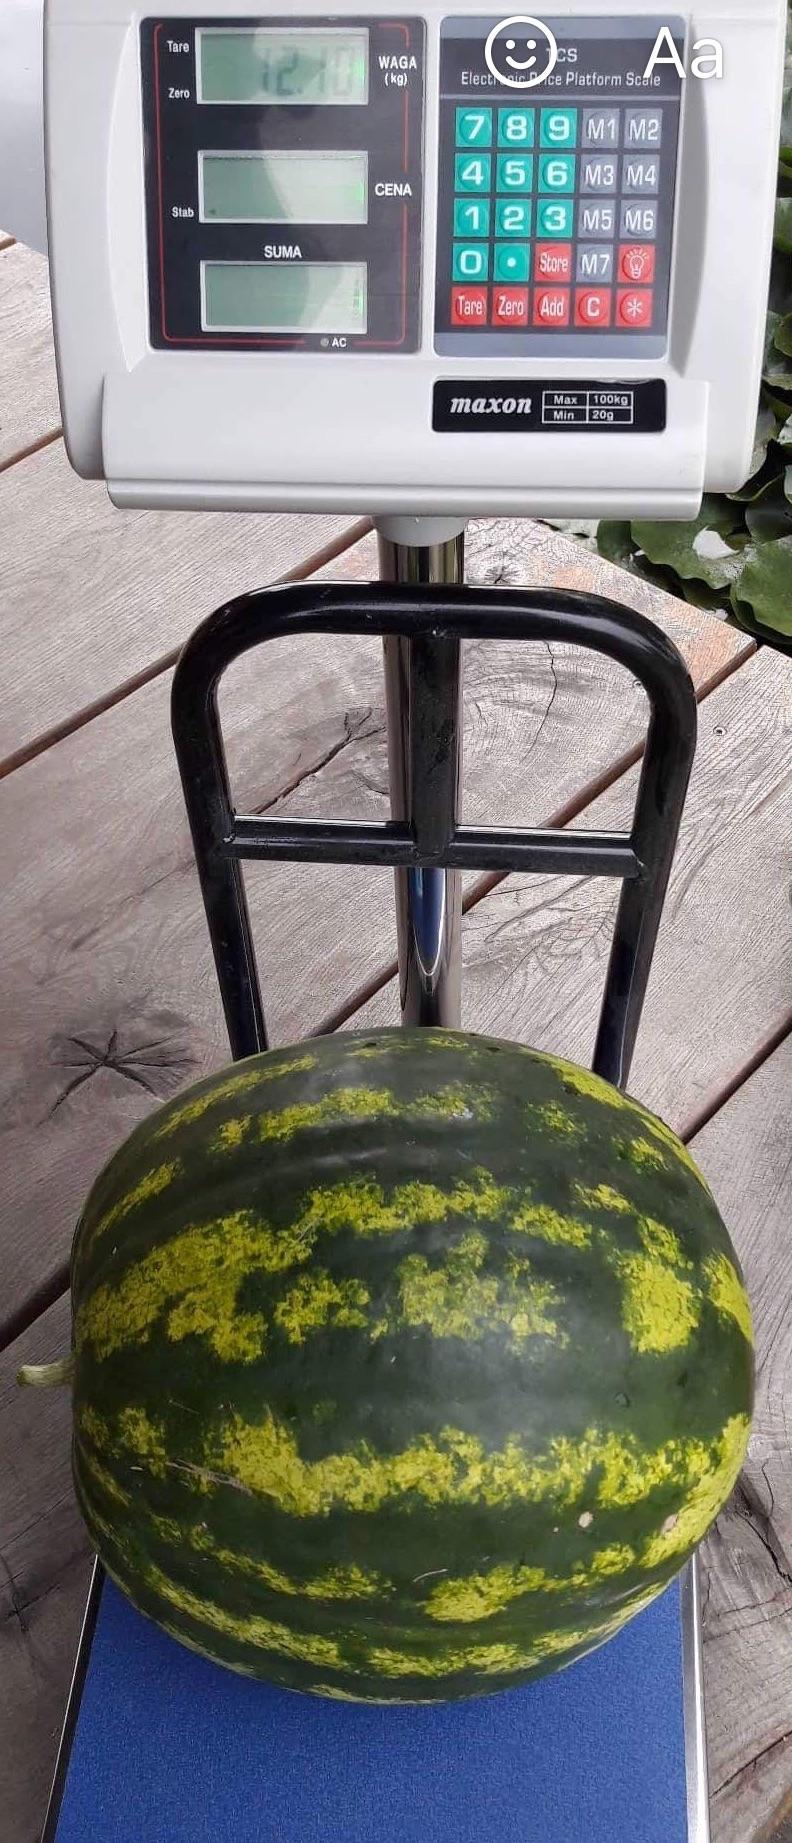 Didžiausias arbūzas, kokį šiemet kėdainiečiui pavyko užauginti, svėrė net 12 kg 100 g. Asmeninio archyvo nuotr.